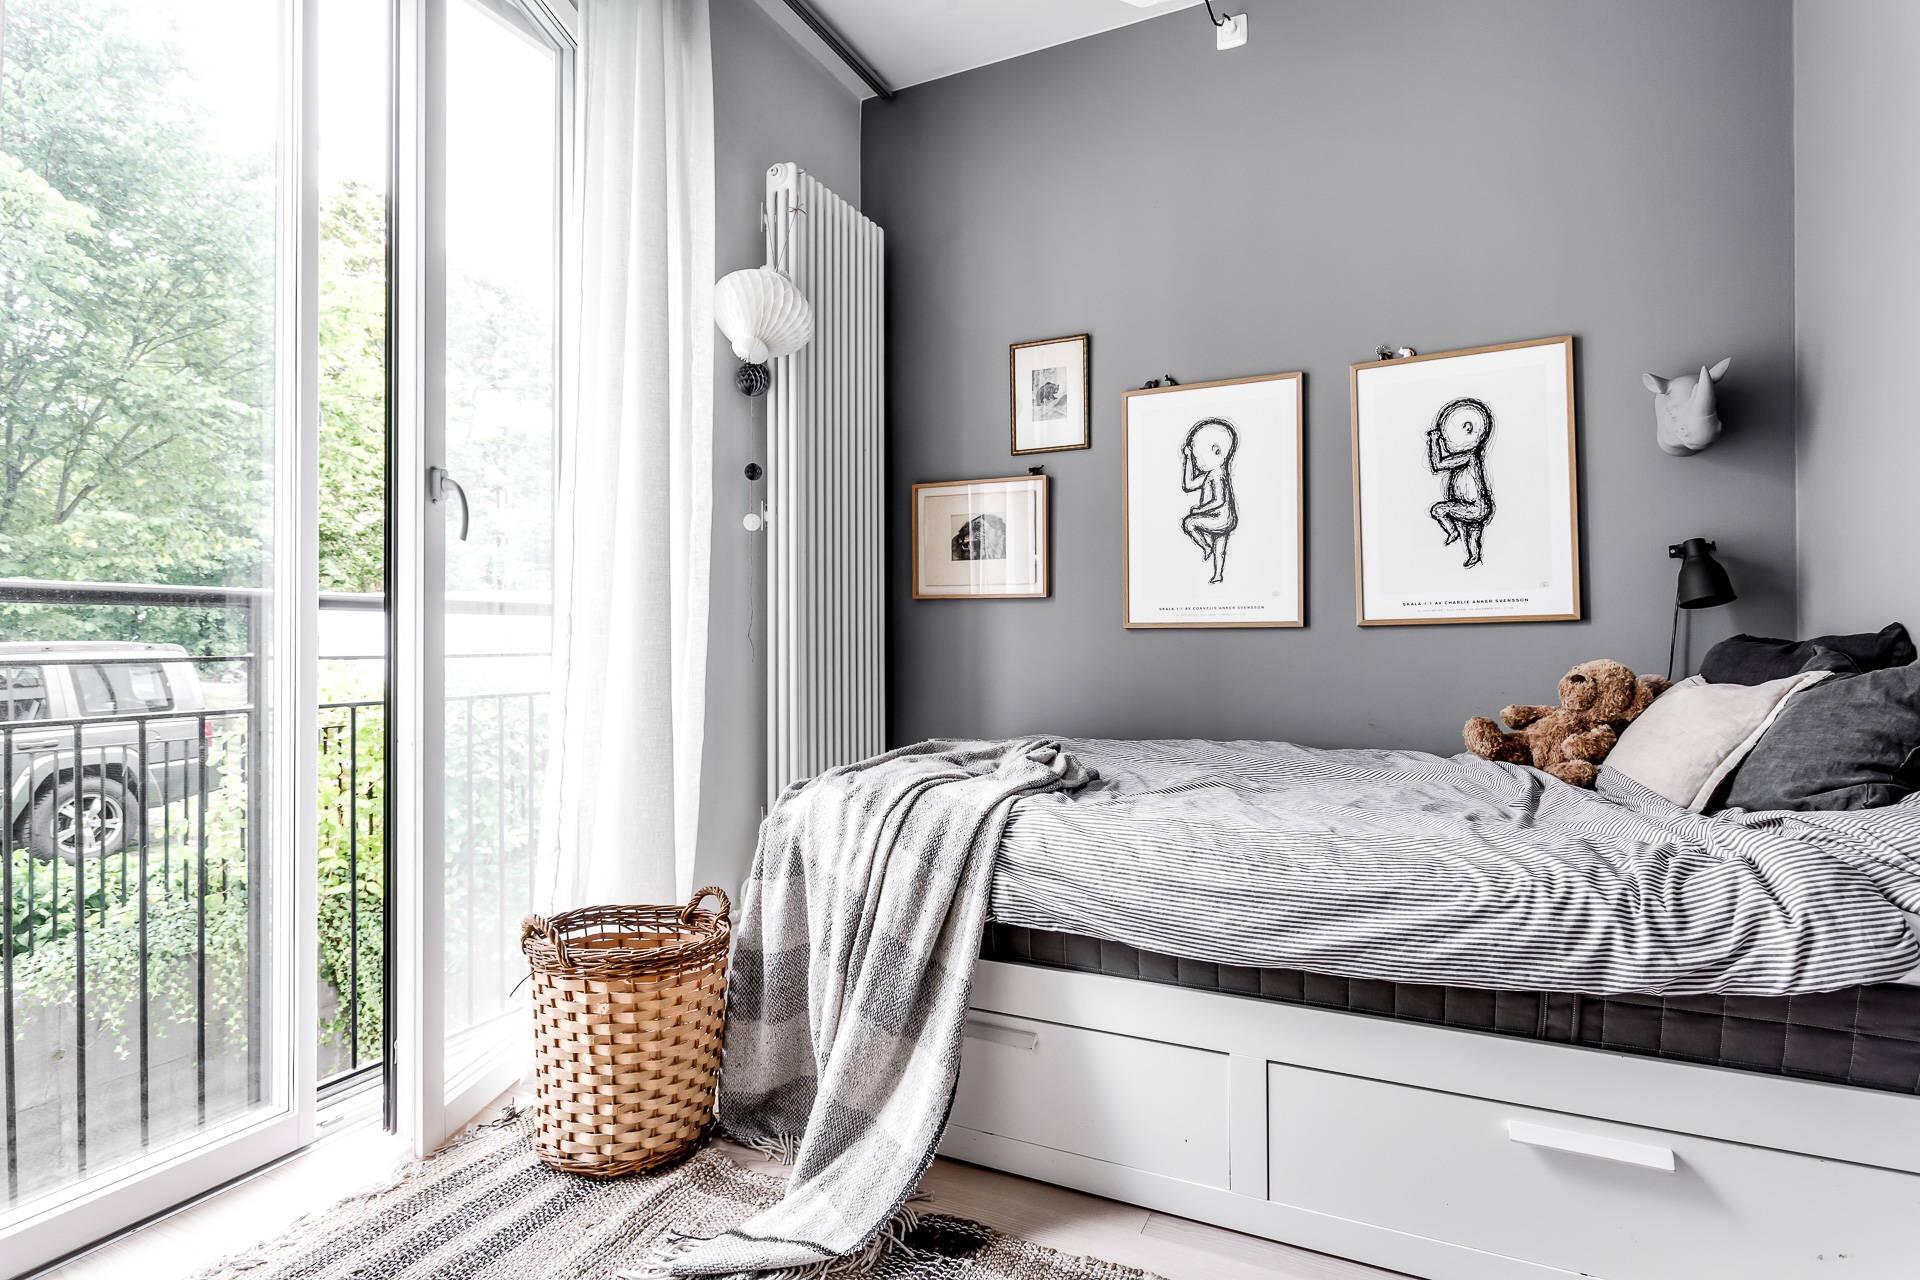 детская комната радиатор отопления кровать серые стены французские окна